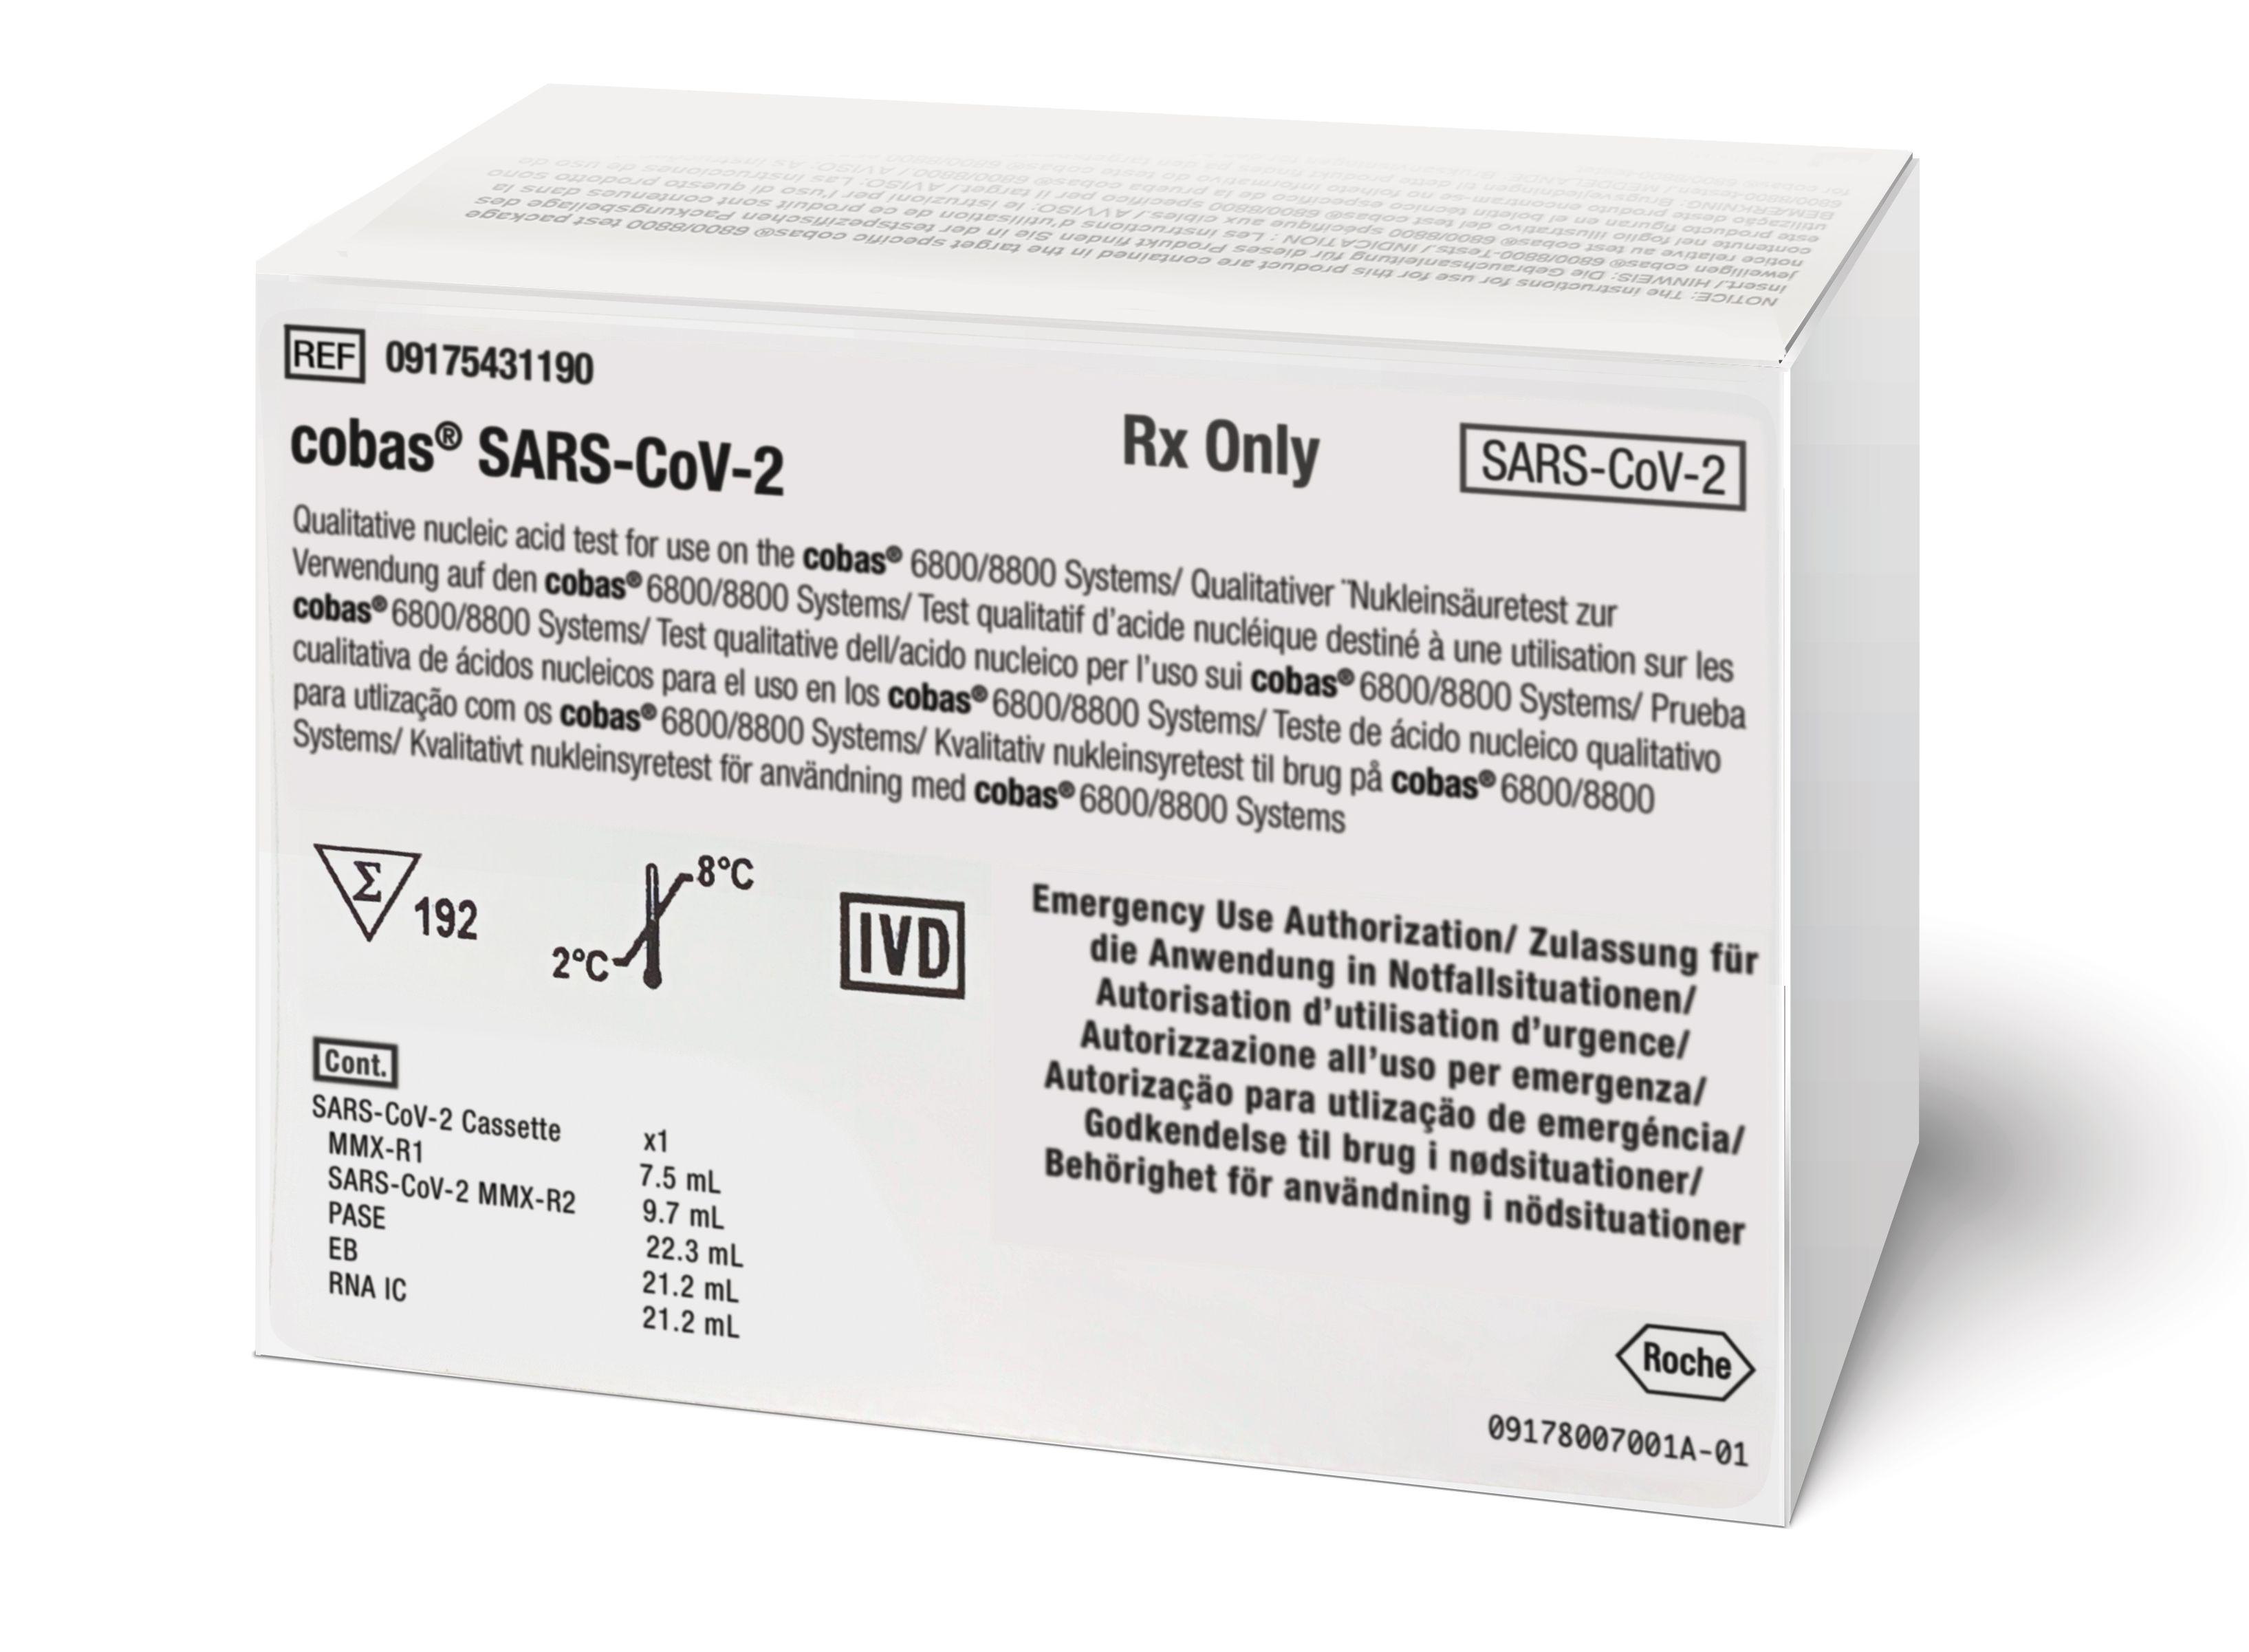 コバス SARS-CoV-2 及び LightMix® Modular SARS-CoV (COVID19)